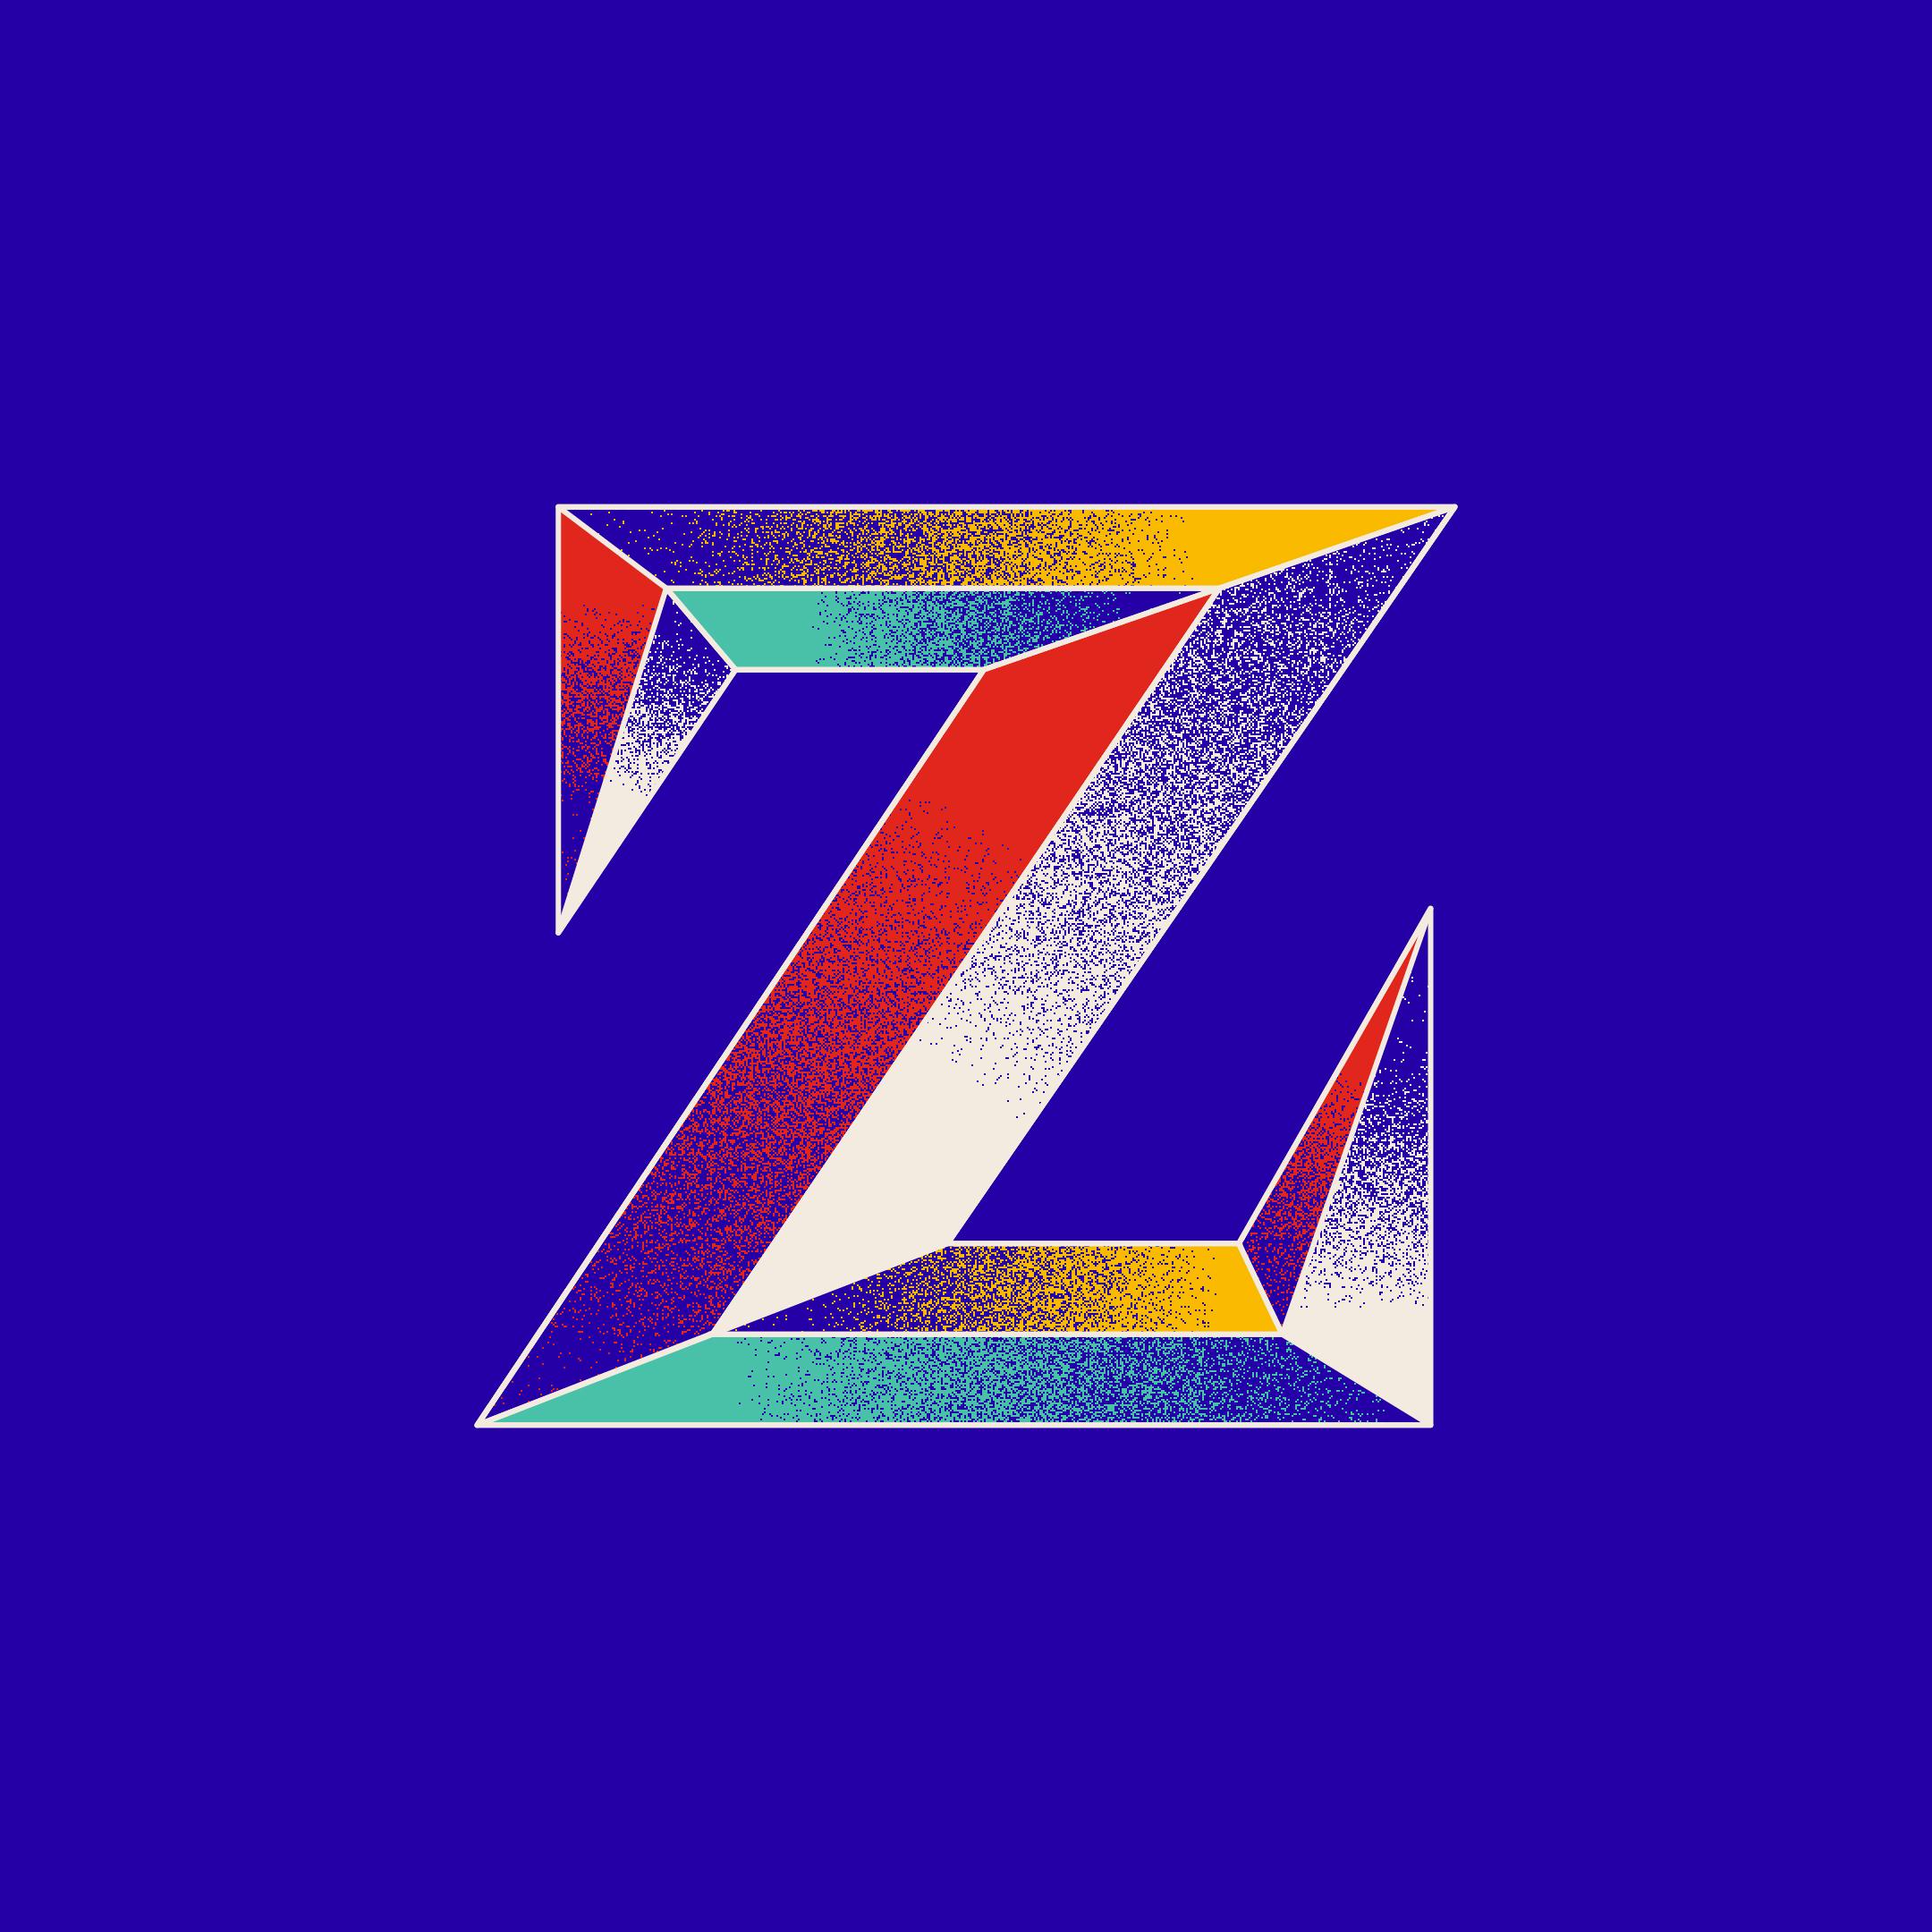 36_DOT_2021_Z